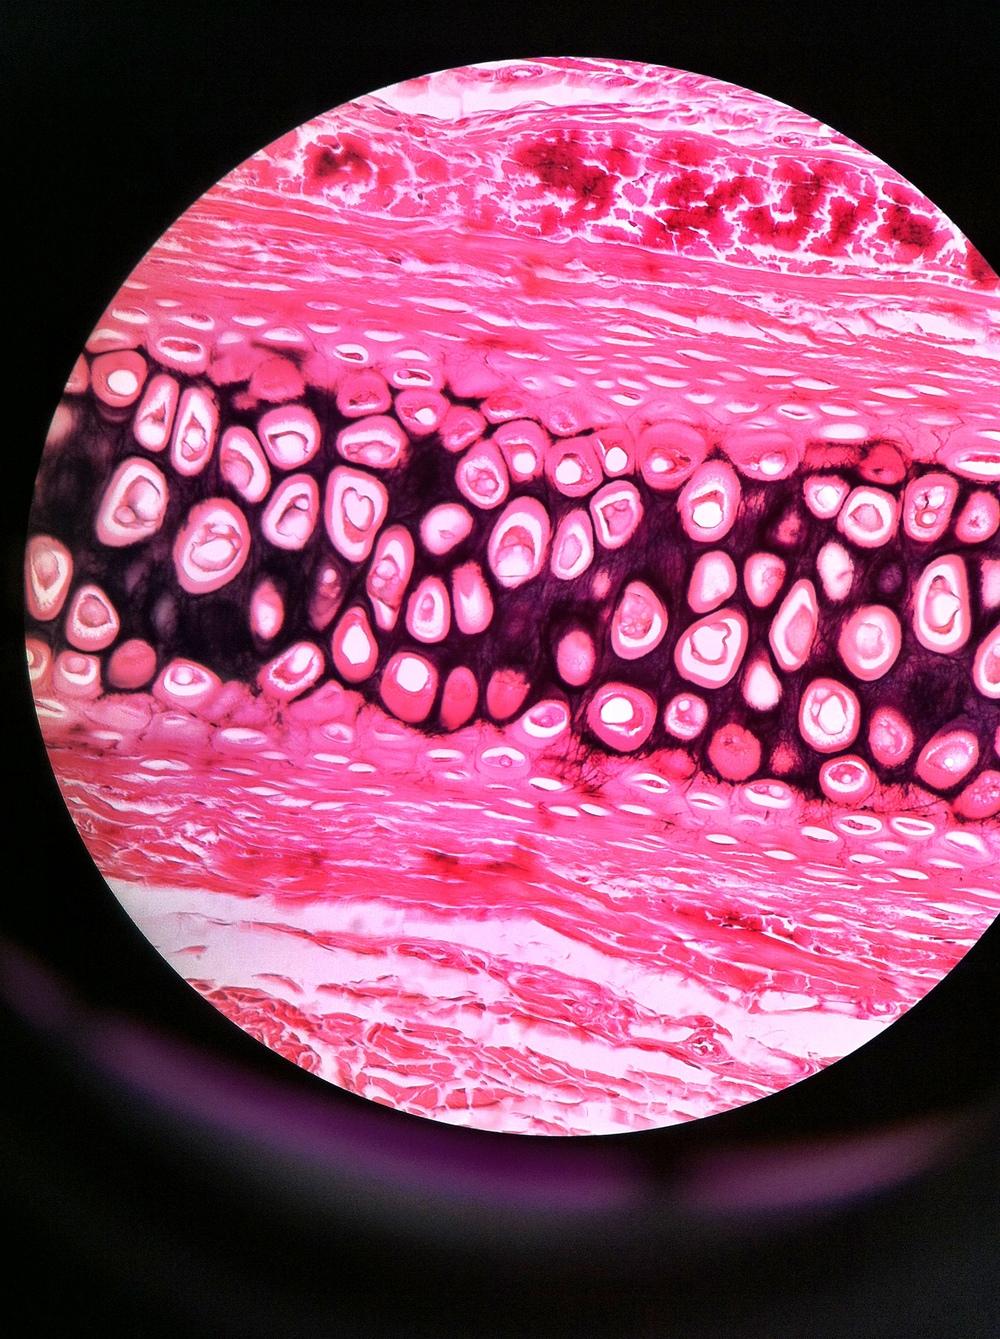 elastic cartilage, (Verhoeff stain) Total Mag: 400X